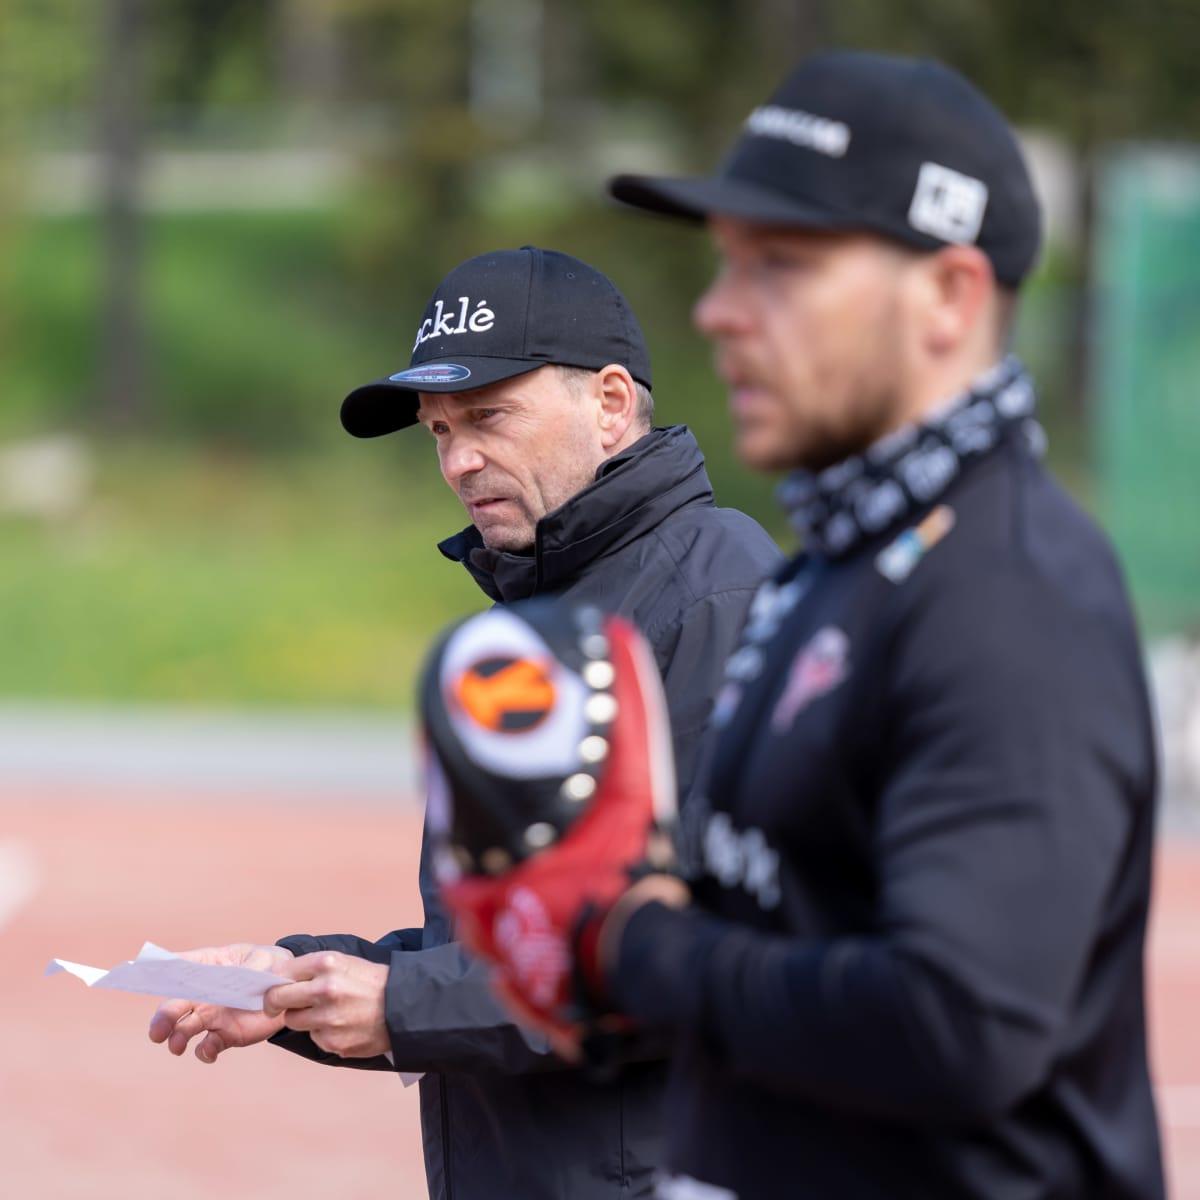 Pesäpalloseura Manse PP:n pelinjohtaja Matti Iivarinen (takana), etualalla lukkari Juha Puhtimäki, Tampere, 23.5.2021.